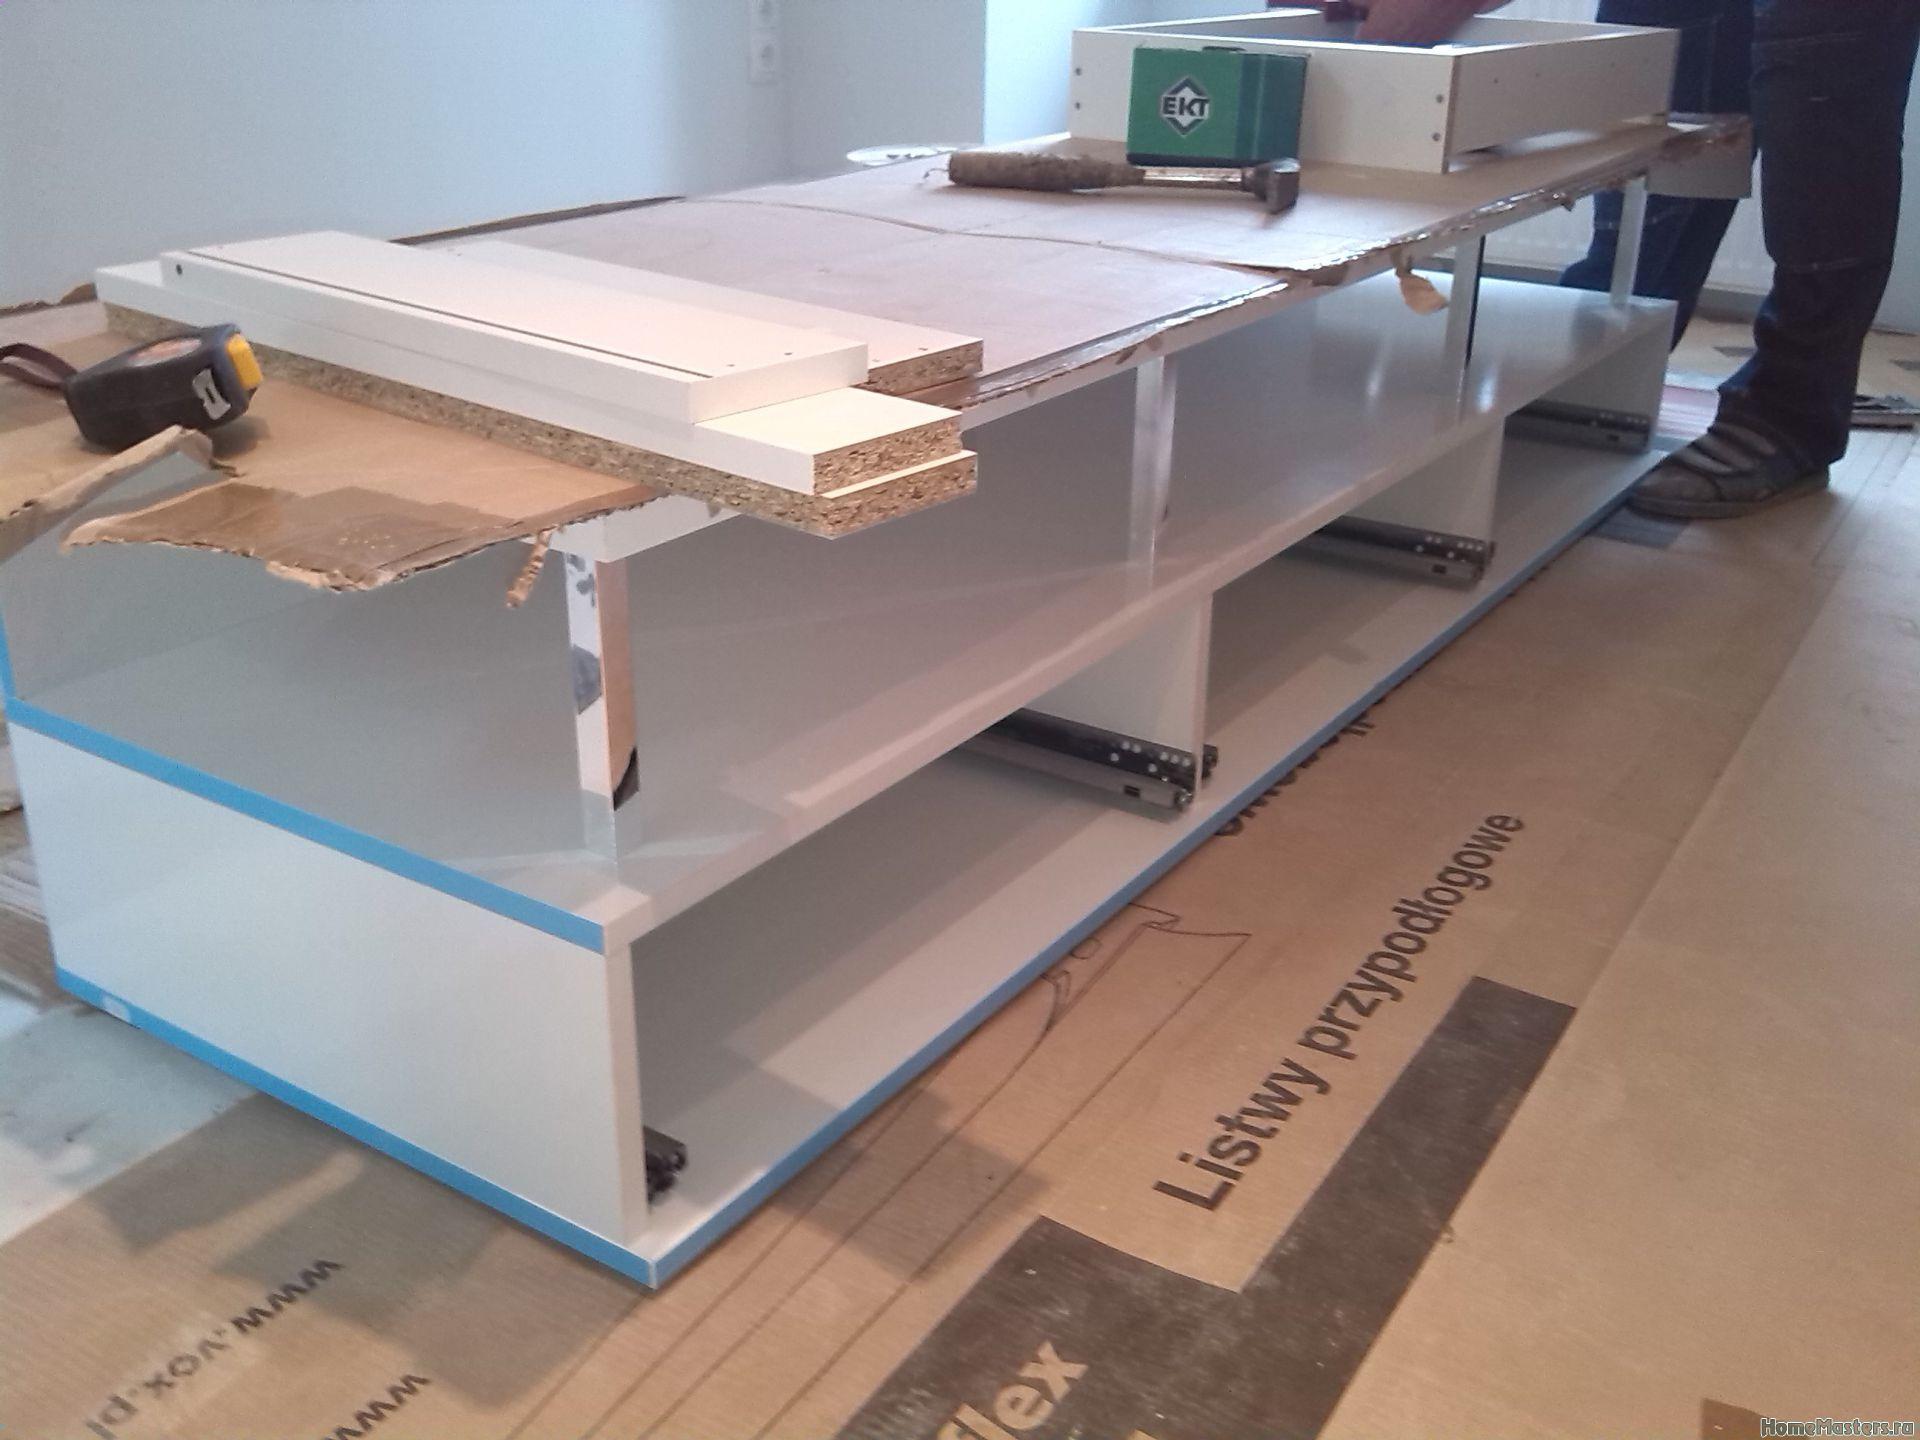 Панели для сборки мебели.